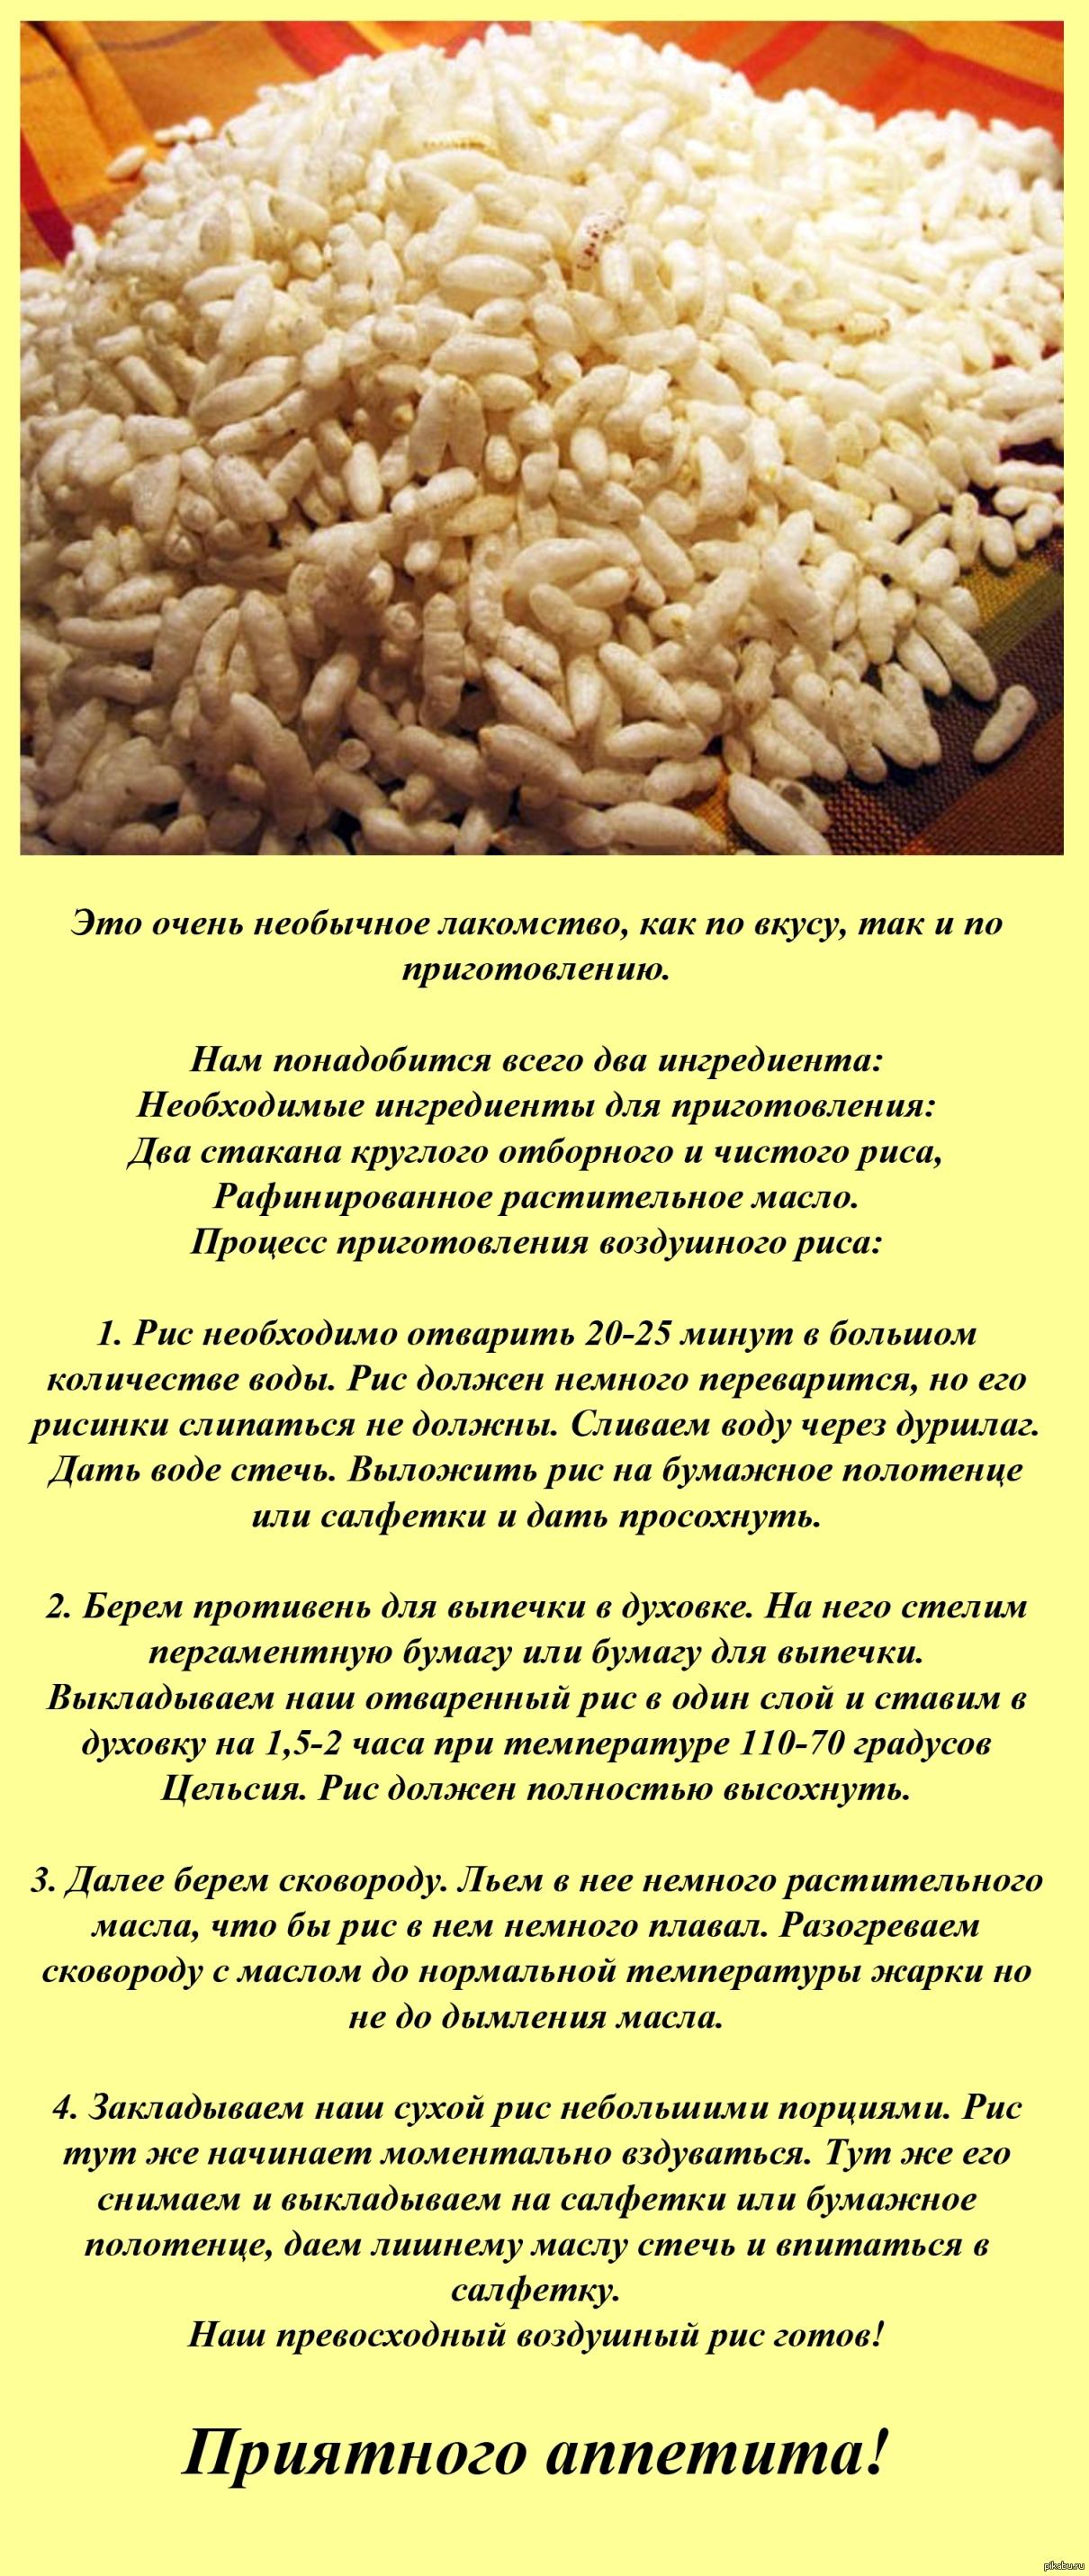 Рецепт воздушных домашних условиях